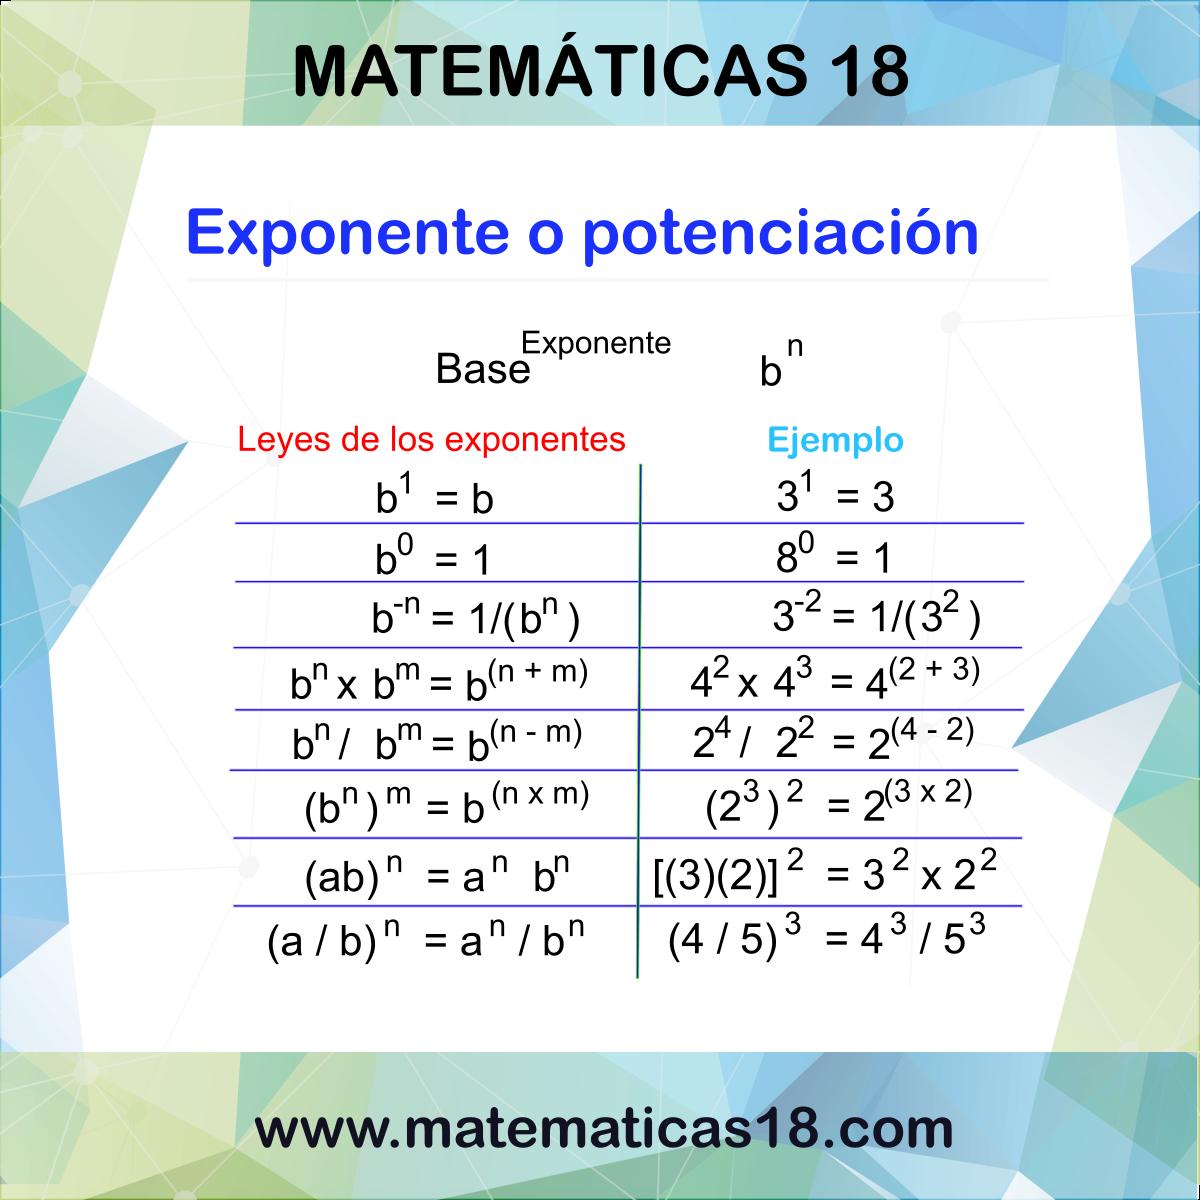 Leyes De Los Exponentes Cursos De Matematicas Leyes De Los Exponentes Curiosidades Matematicas